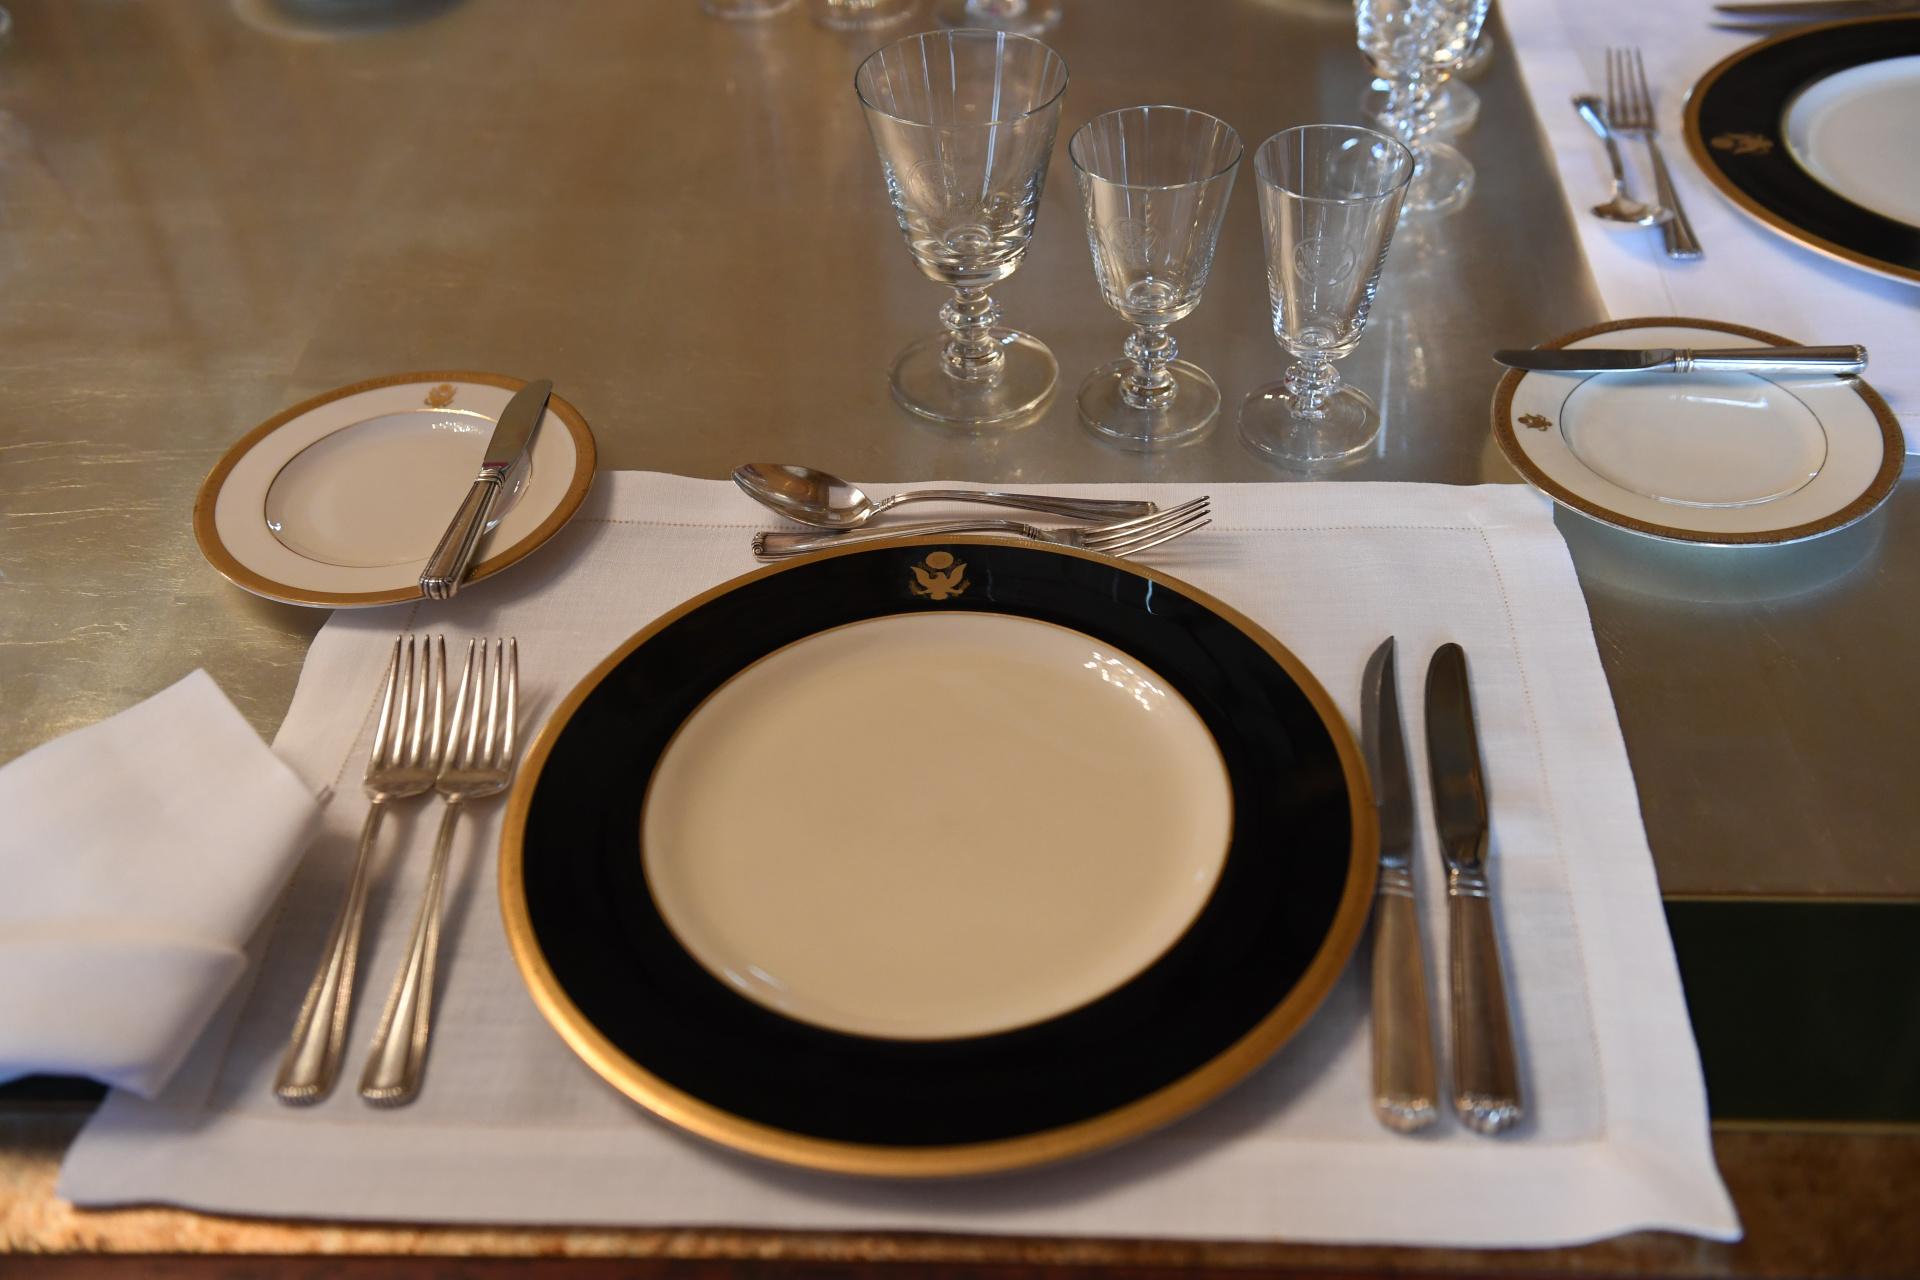 La vajilla que se utiliza es blanca con reborde dorado y ornamentos con el símbolo de los Estados Unidos. Los cubiertos son de plata y están acompañados por copas de cristal